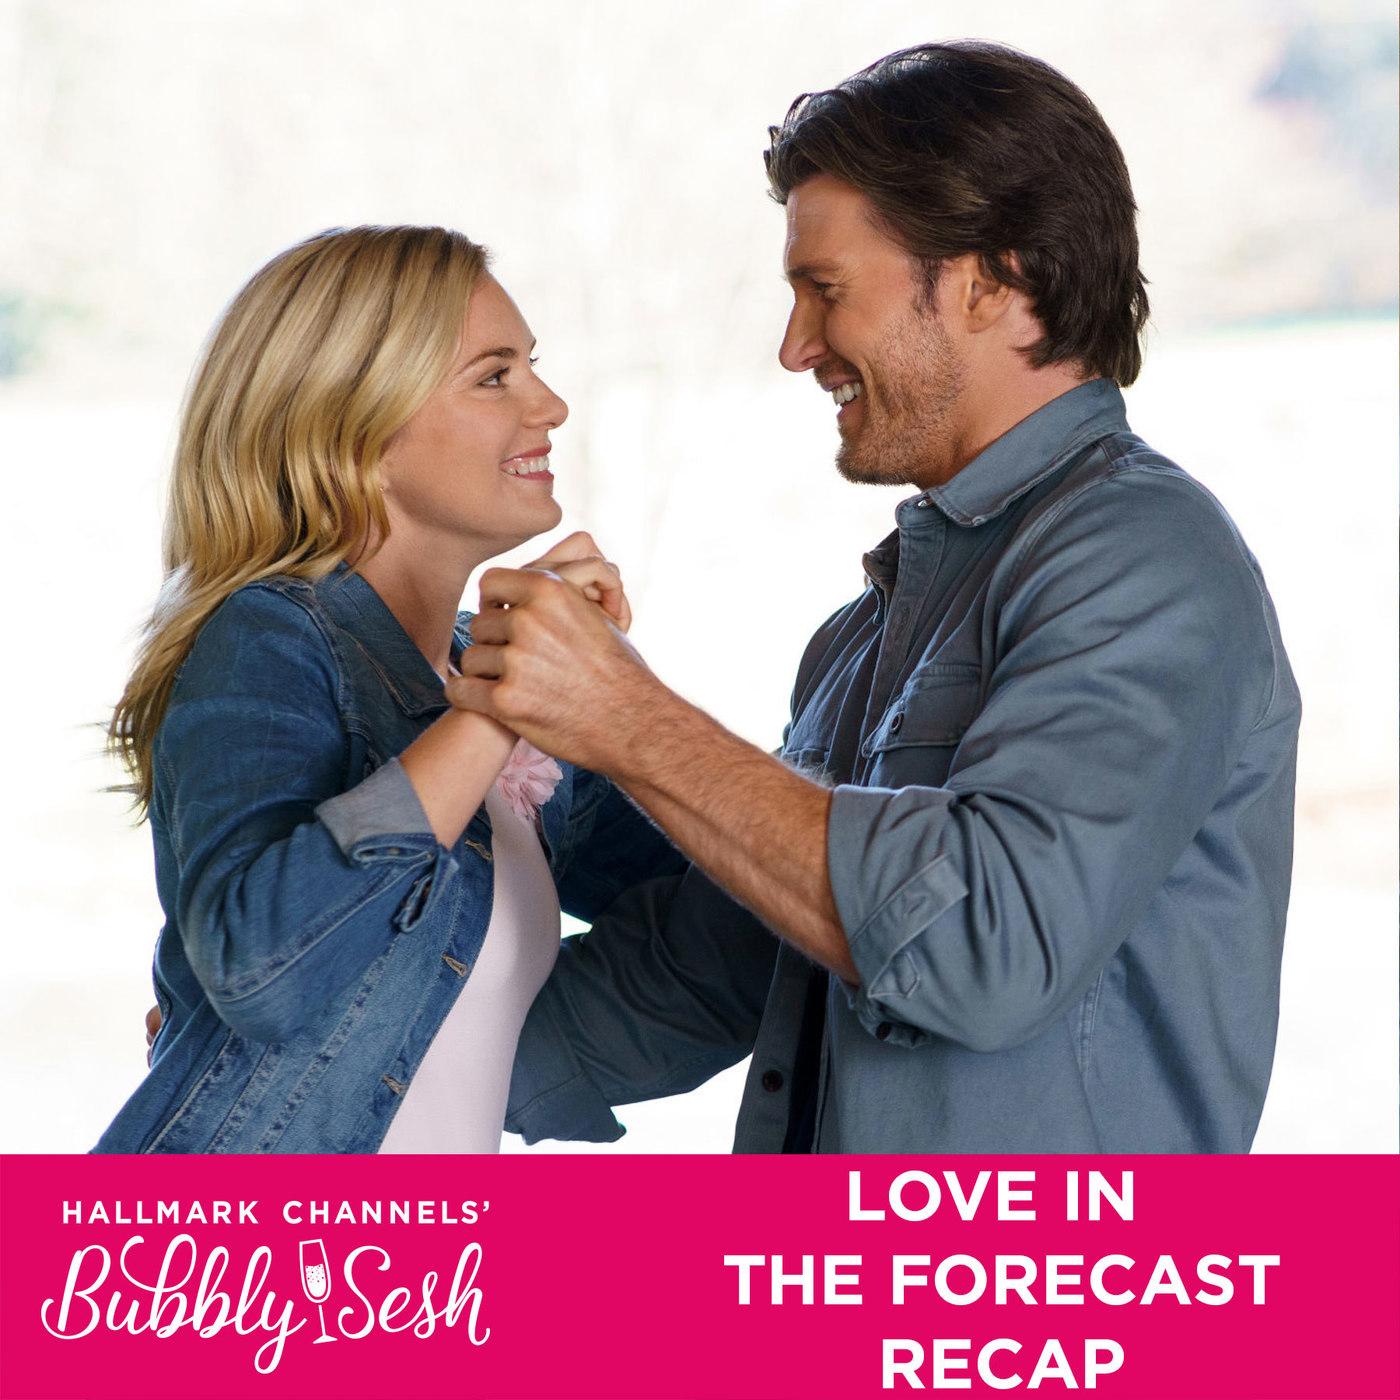 Love in the Forecast Recap